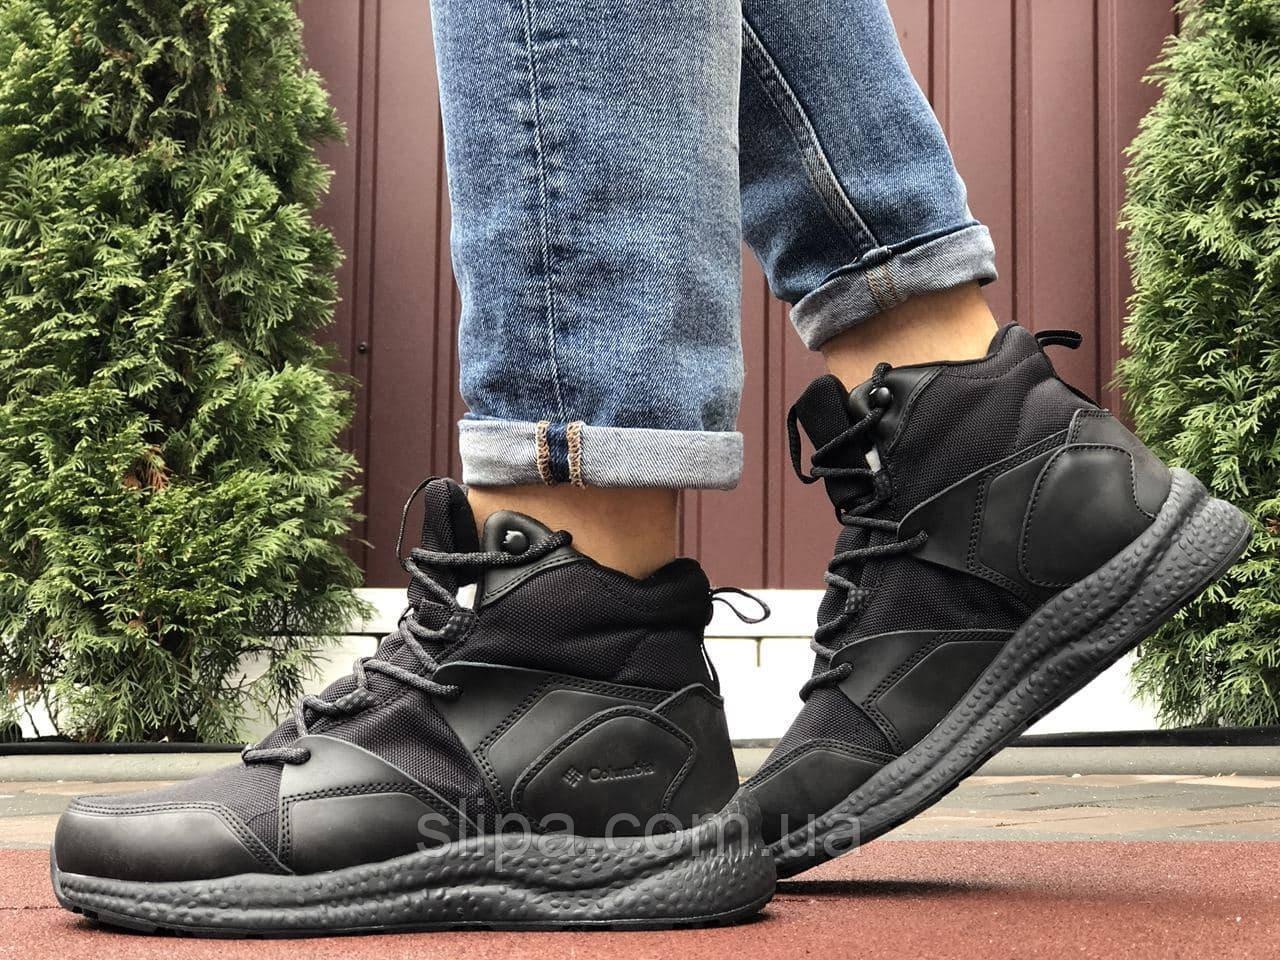 Мужские зимние кроссовки чёрные из кожи и термоплащёвки